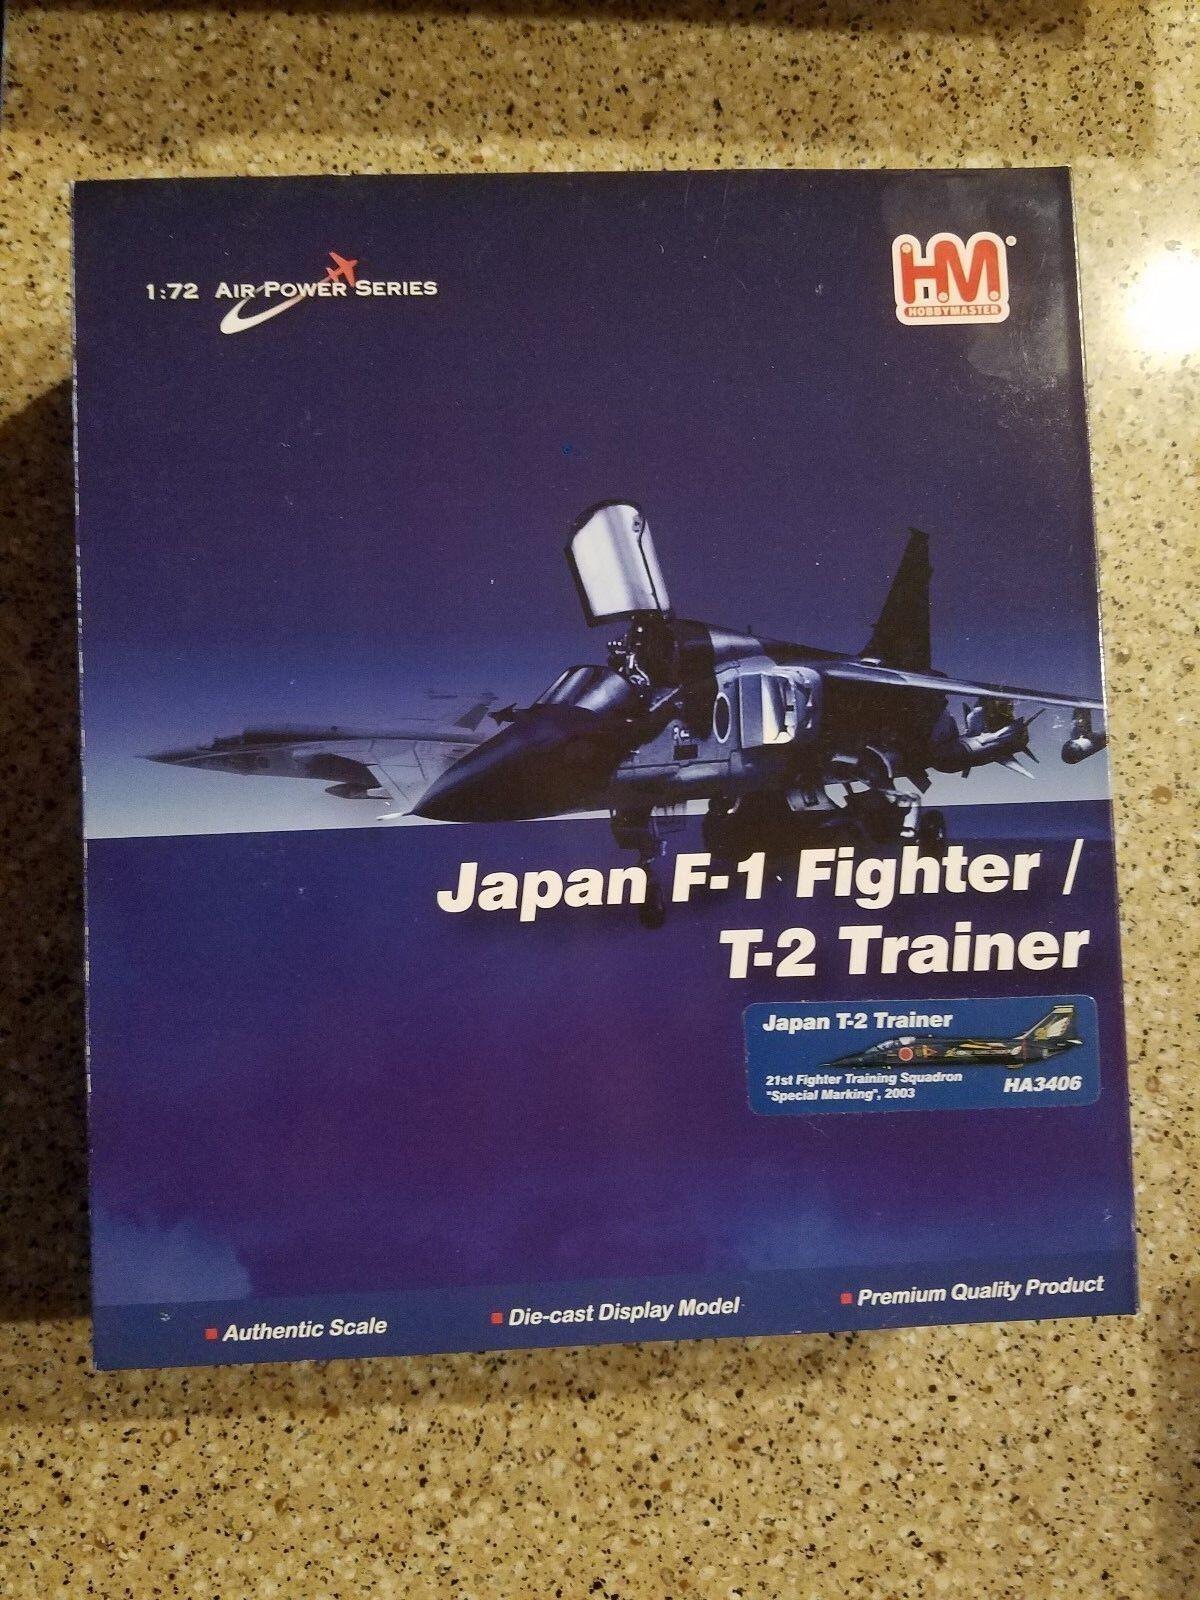 Hobby Master 1 72 Air Power Series HA3406 Japan T-2 Trainer 21st Fighter Trainin